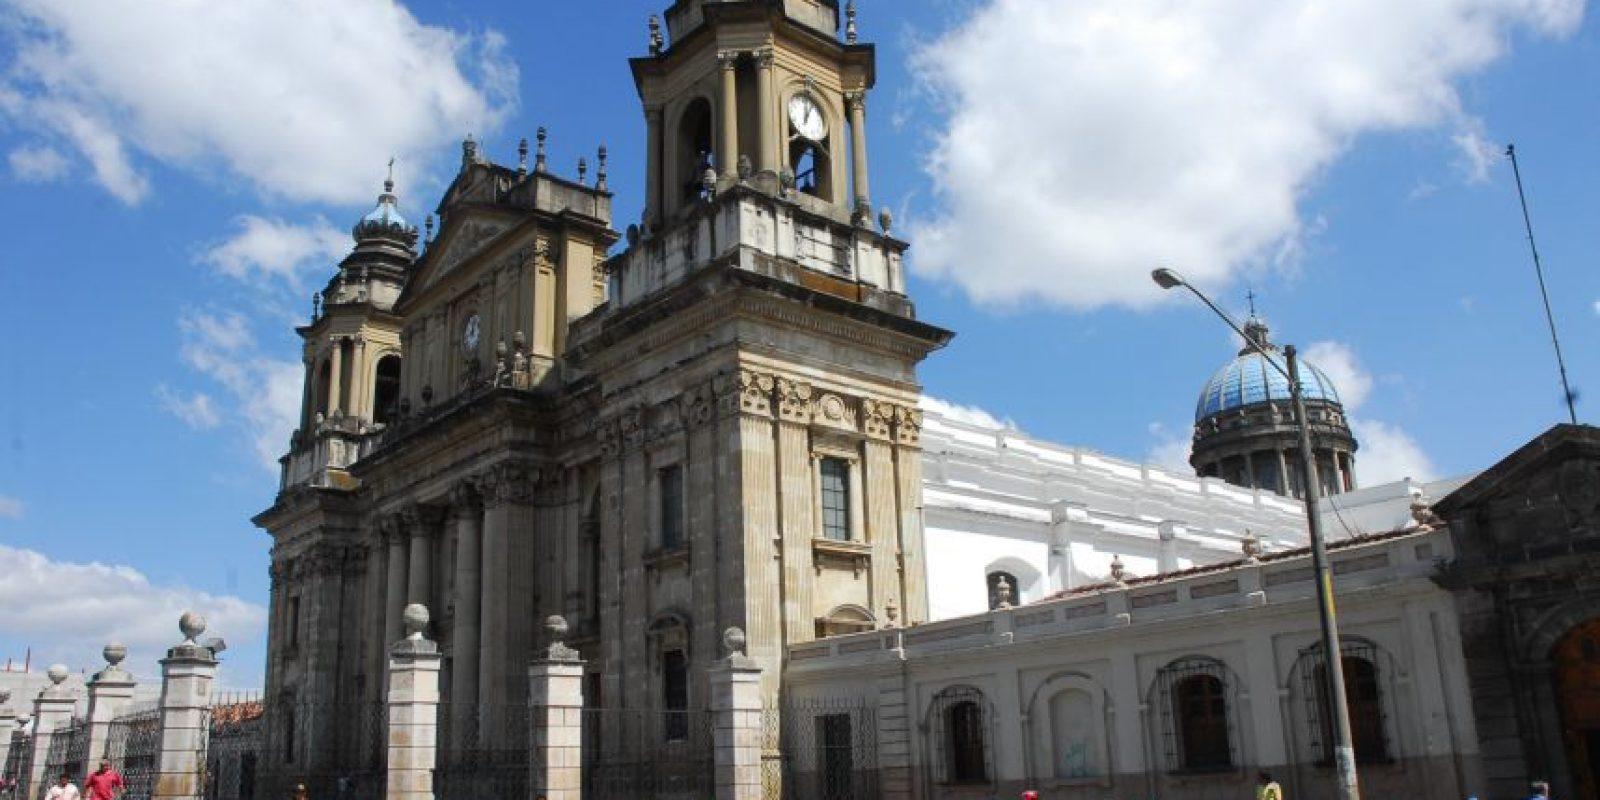 El arzobispo Óscar Vian afirmó que se llevarán a cabo distintas actividades Foto:Publinews